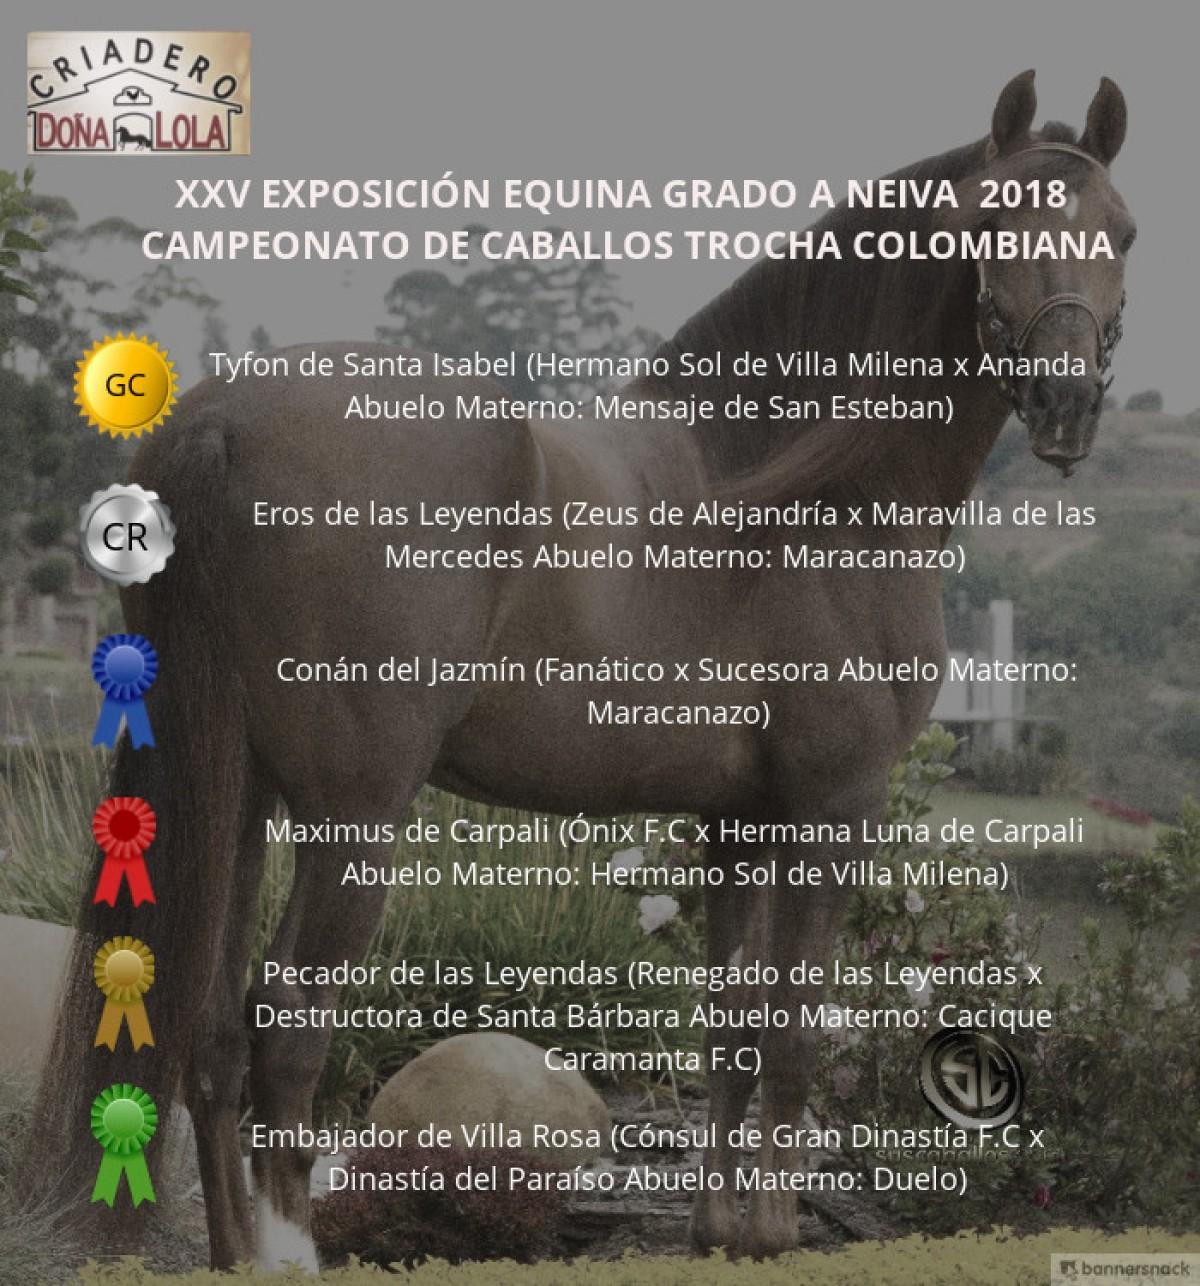 VÍDEO:Tyfon Campeón, Eros Reservado, Trocha Colombiana, Neiva 2018